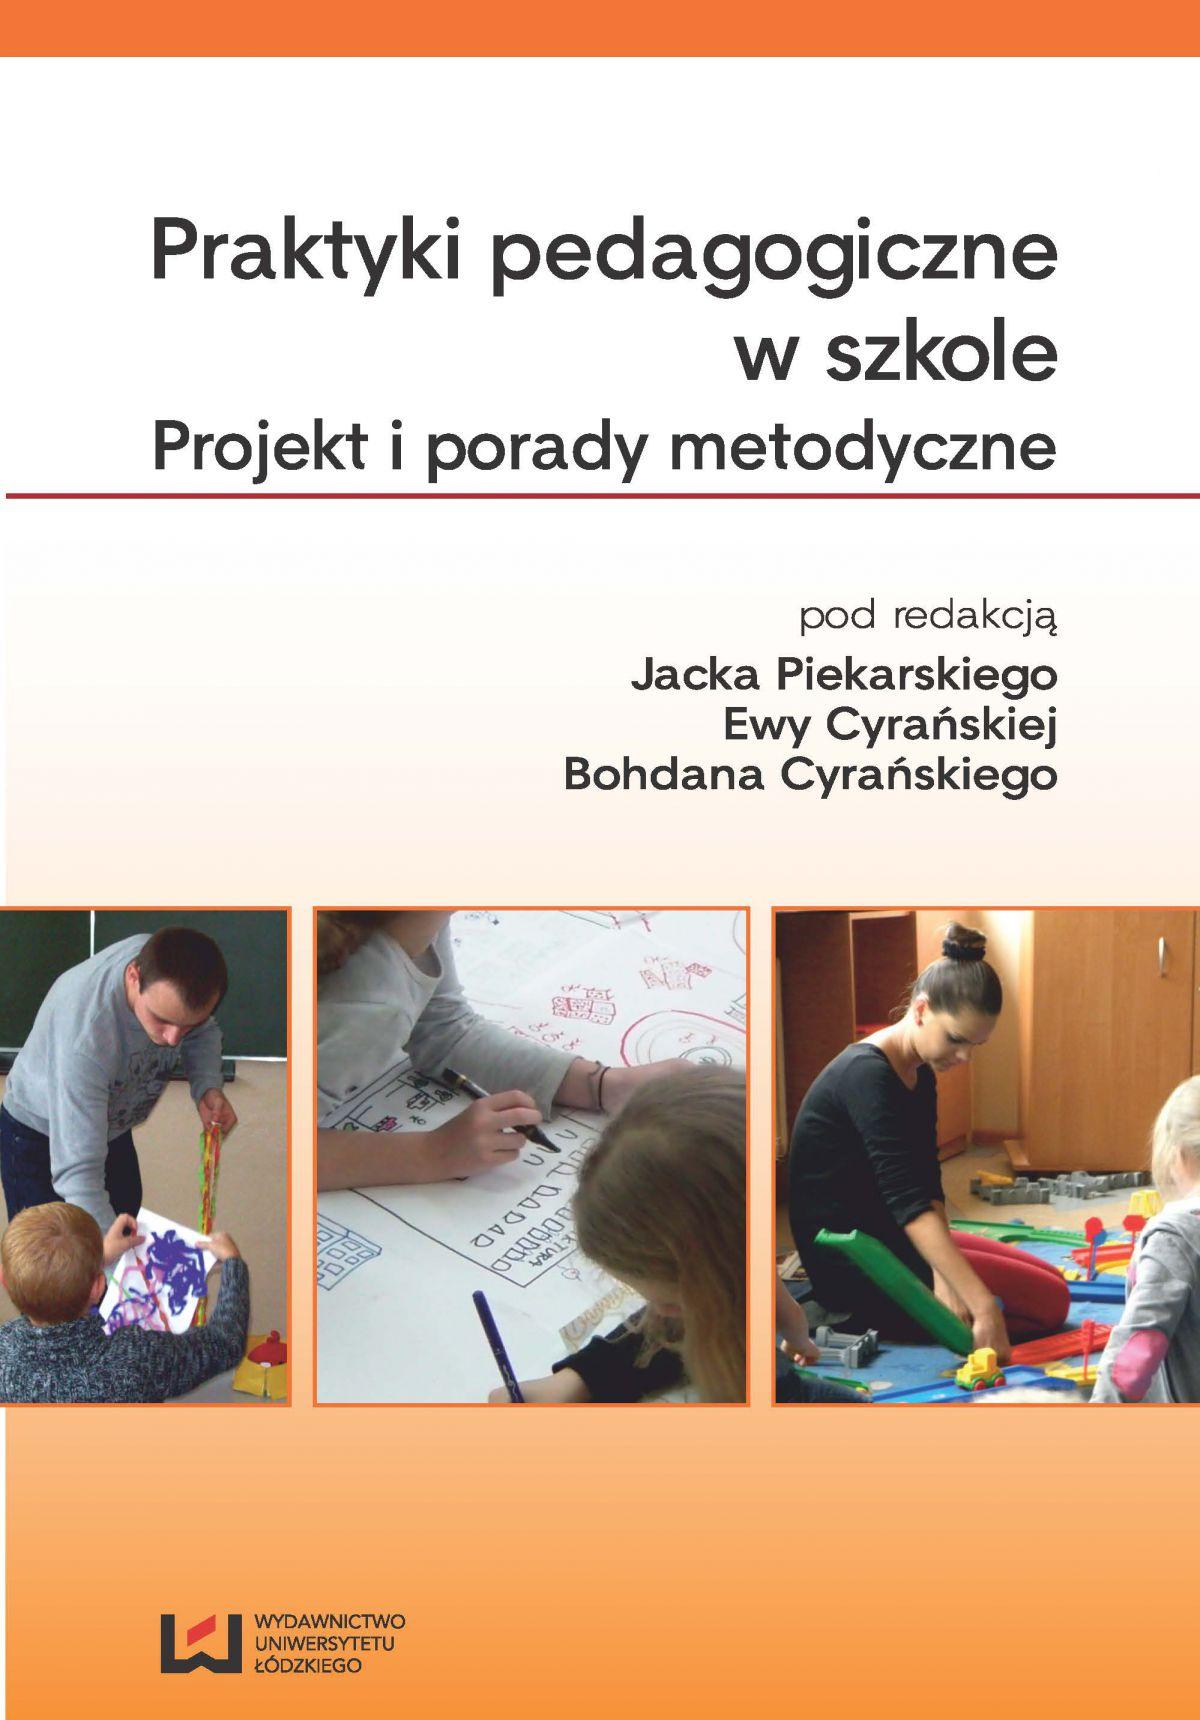 Praktyki pedagogiczne w szkole. Projekt i porady metodyczne - Ebook (Książka PDF) do pobrania w formacie PDF